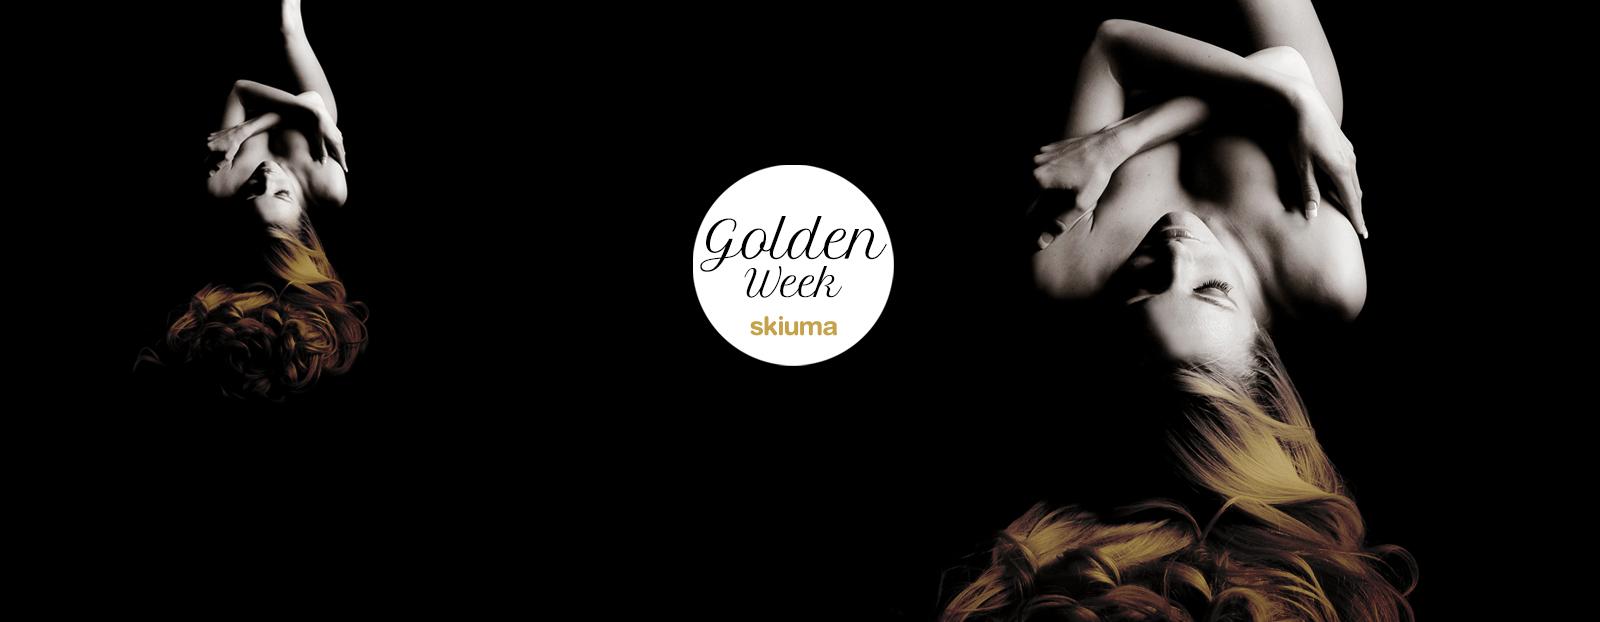 skiuma-testata-golden-week-2017